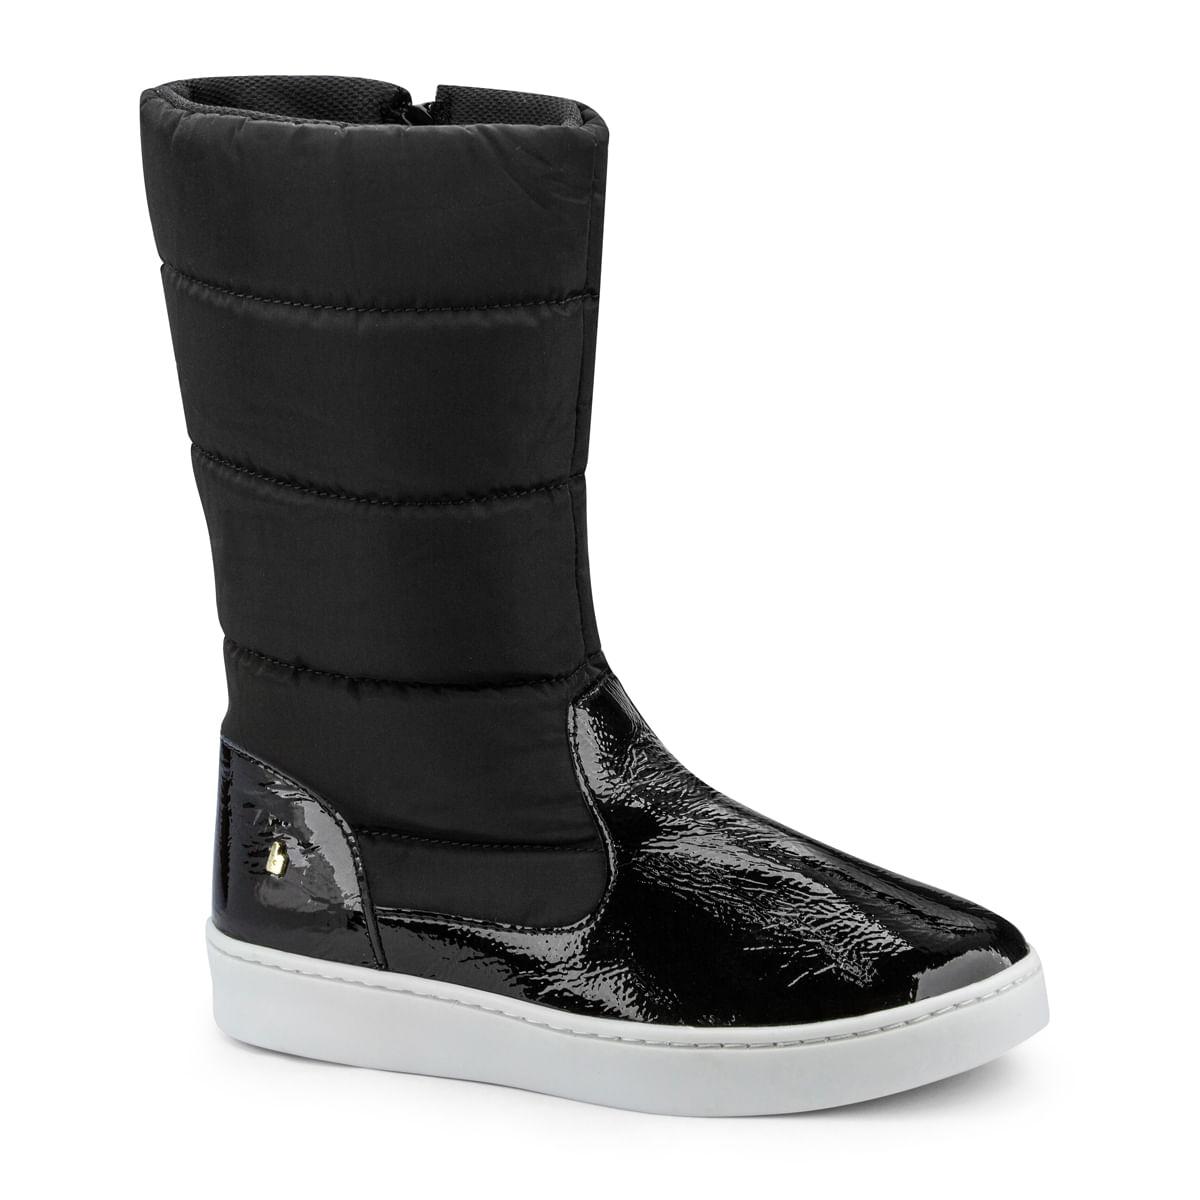 76cd647d75 Bota Infantil Bibi Feminina Preta Cano Alto Urban Boots 1087010 ...